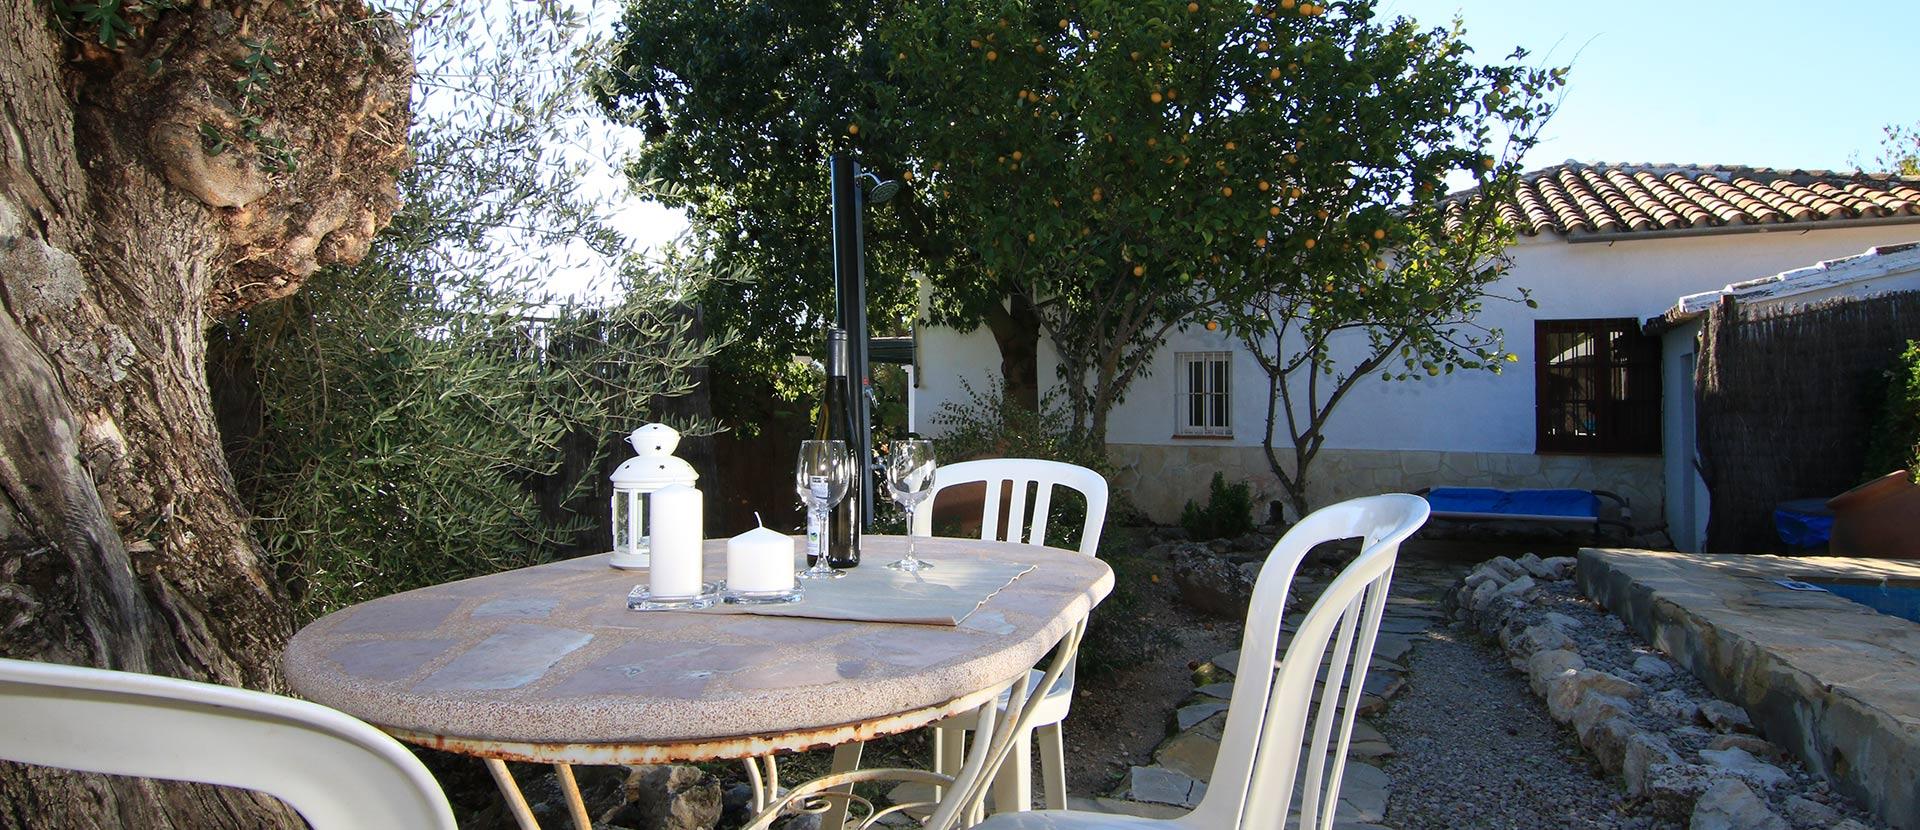 casa romantica algarrobales